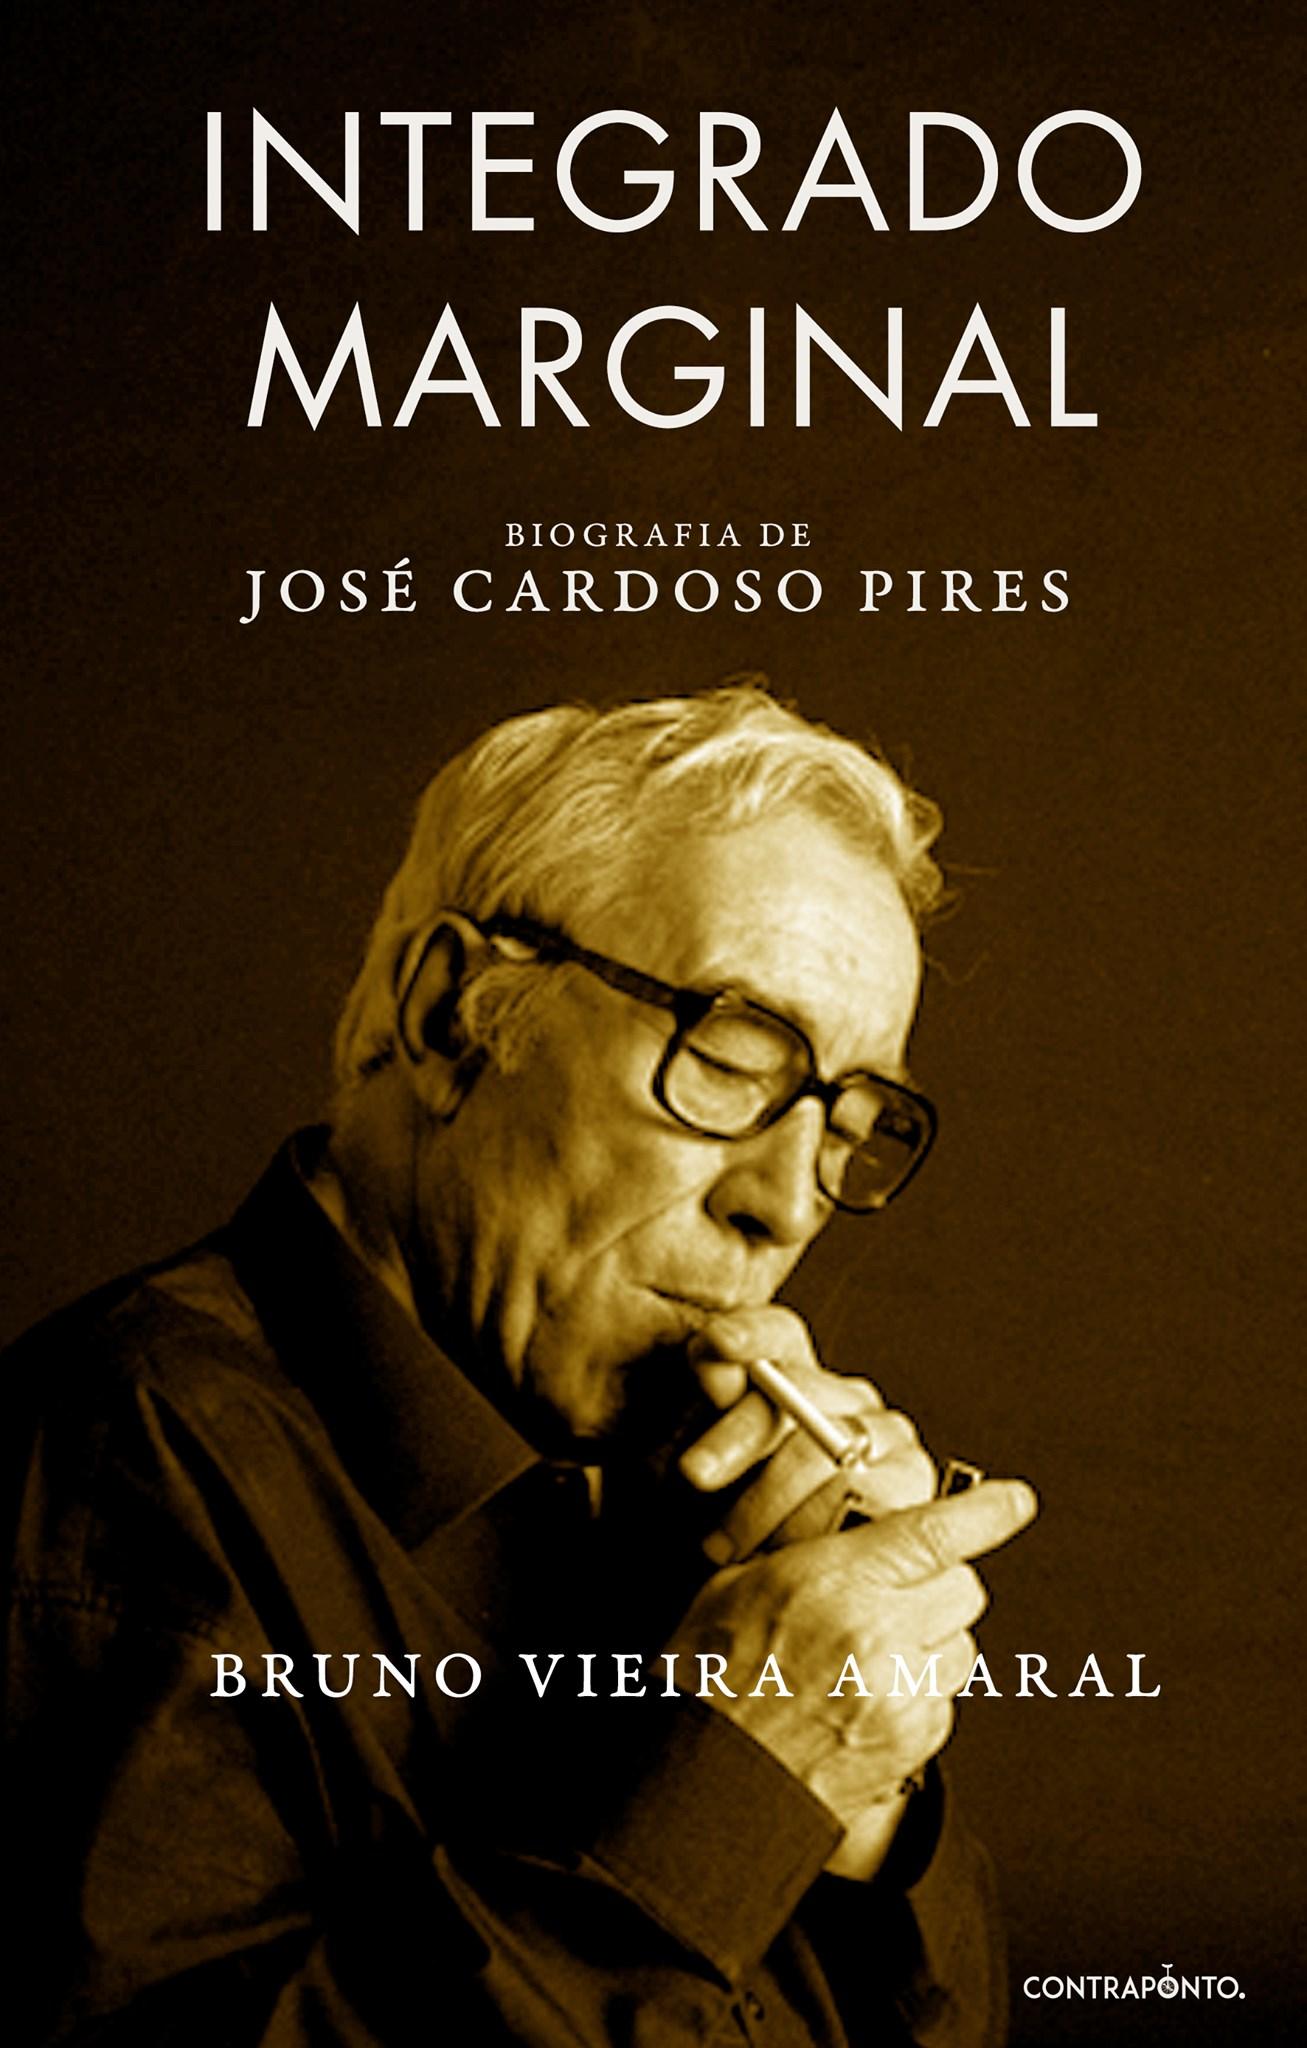 Apresentação do livro de Bruno Vieira Amaral   Integrado Marginal – Biografia de José Cardoso Pires